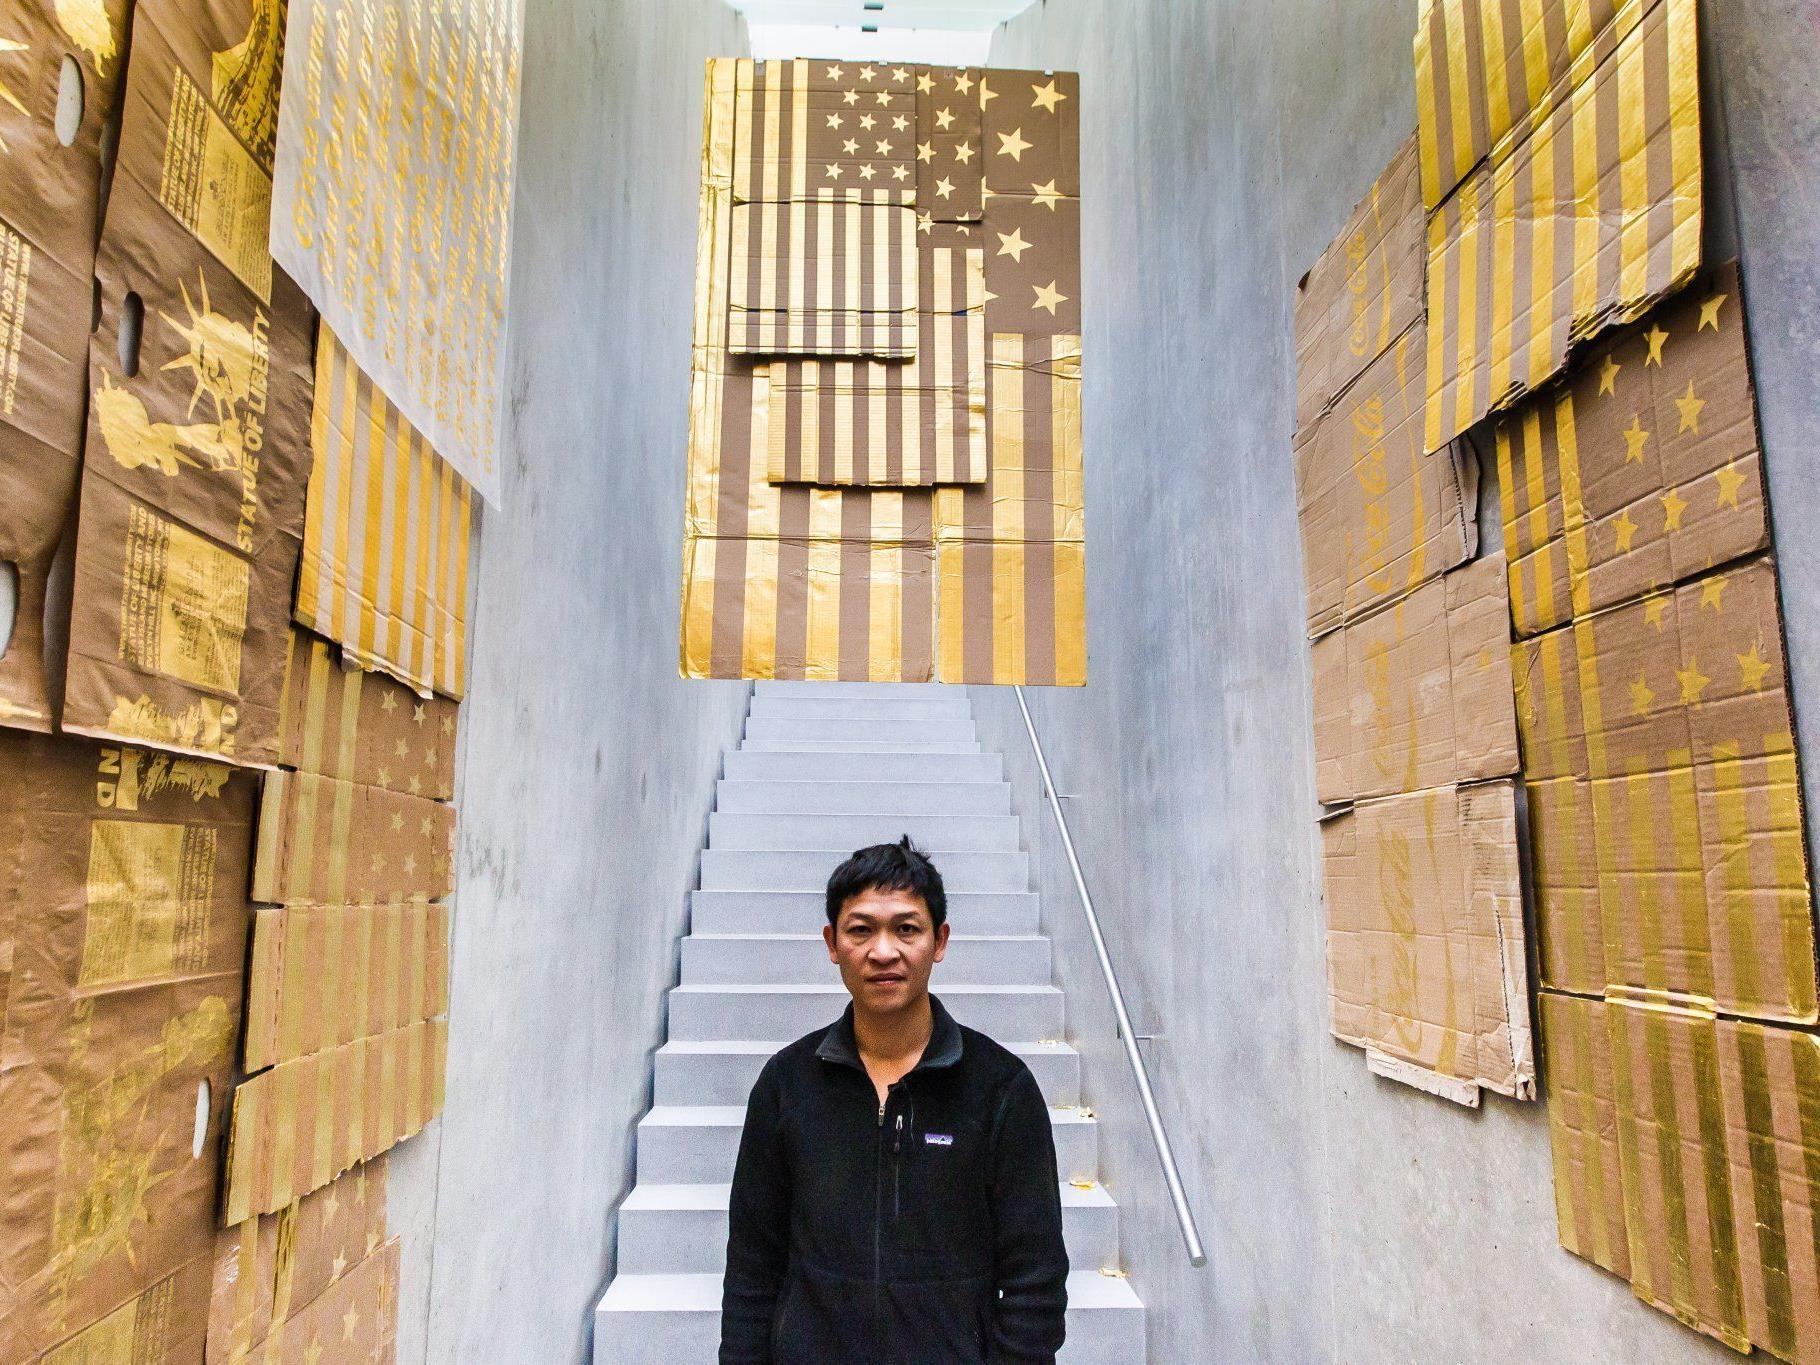 Werke mit Blattgold drehen sich um Kolonialisierung, Identität, Religion und Konsum.